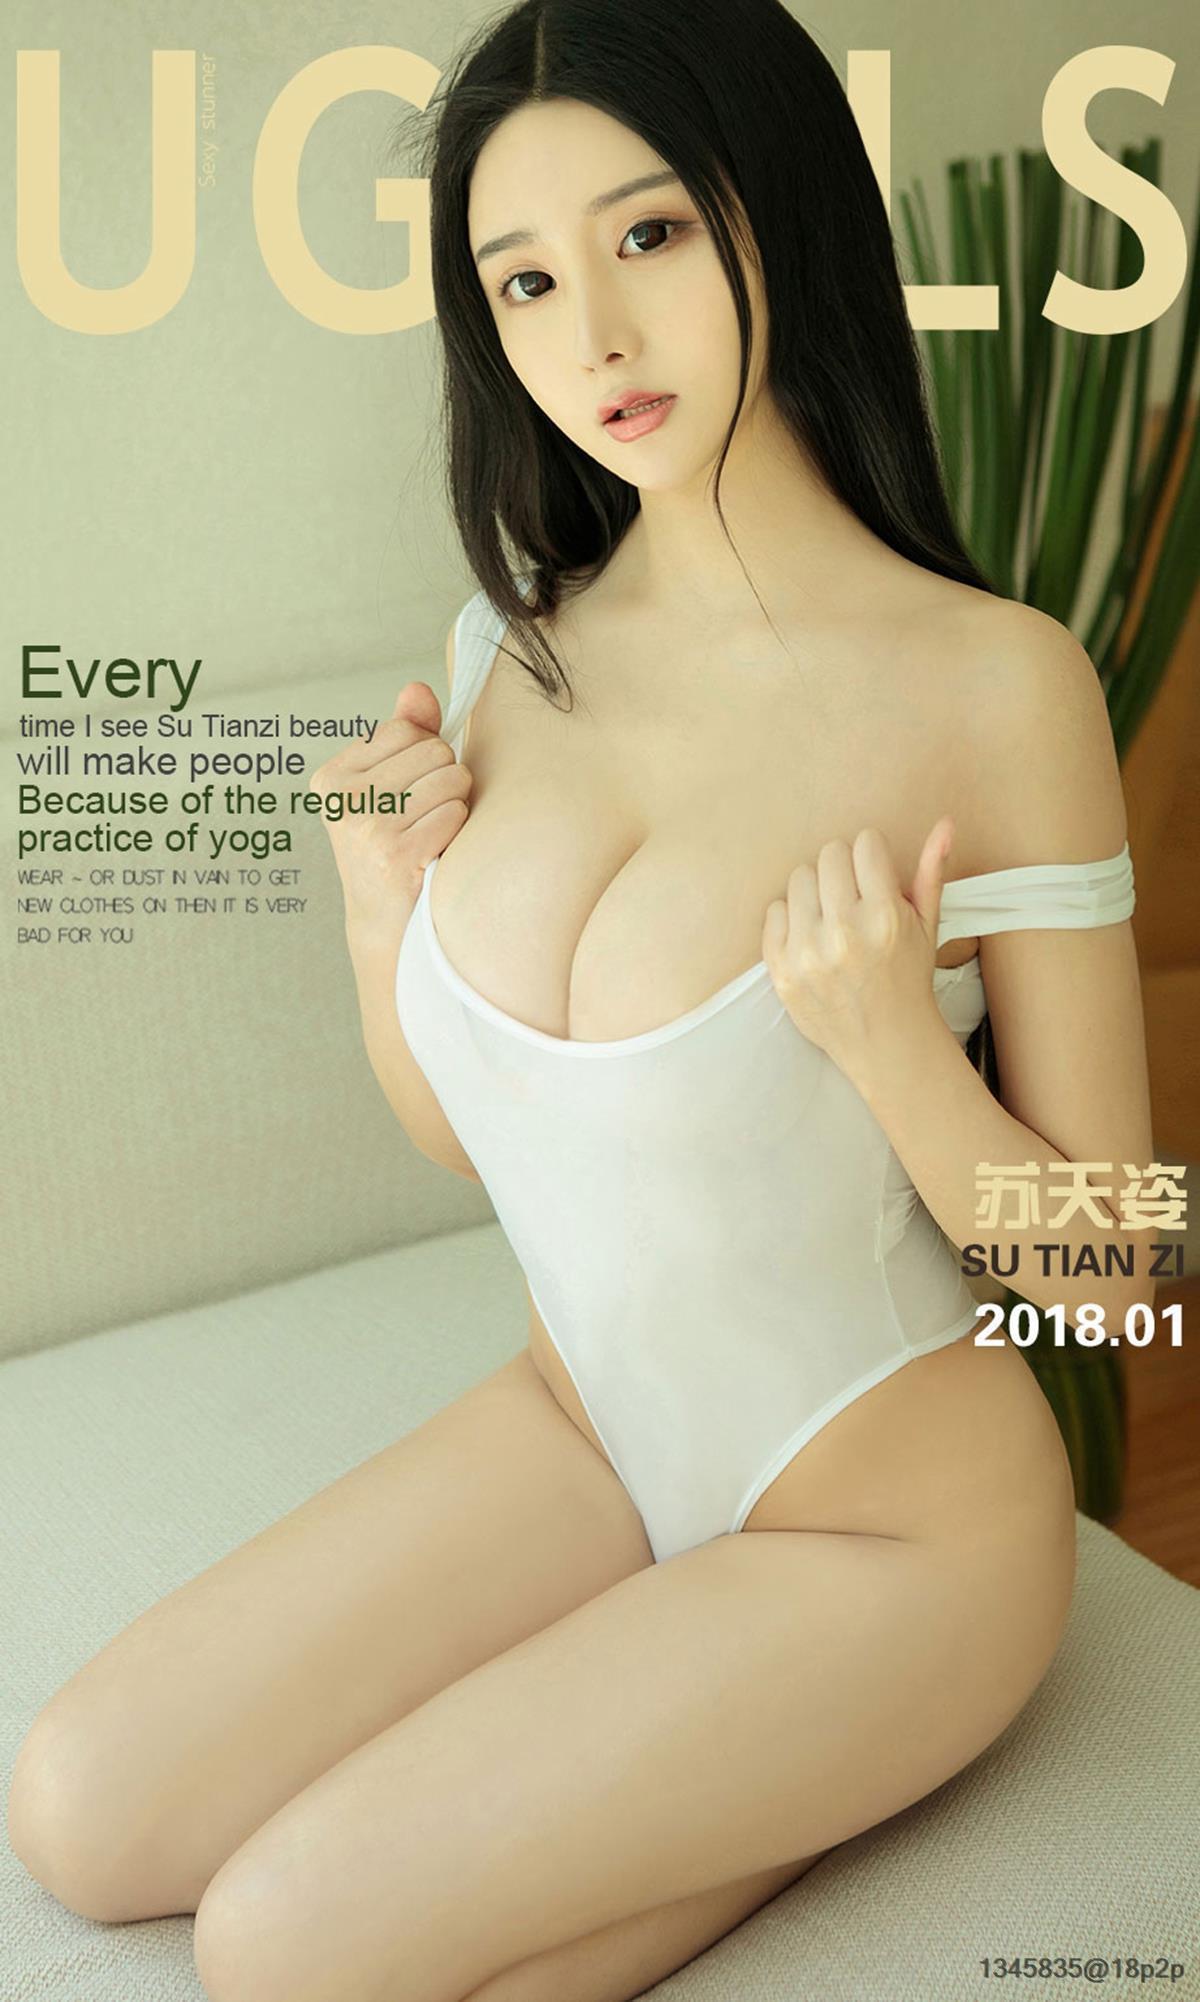 2018.01.30 NO.986 蘇天姿 性感清新風